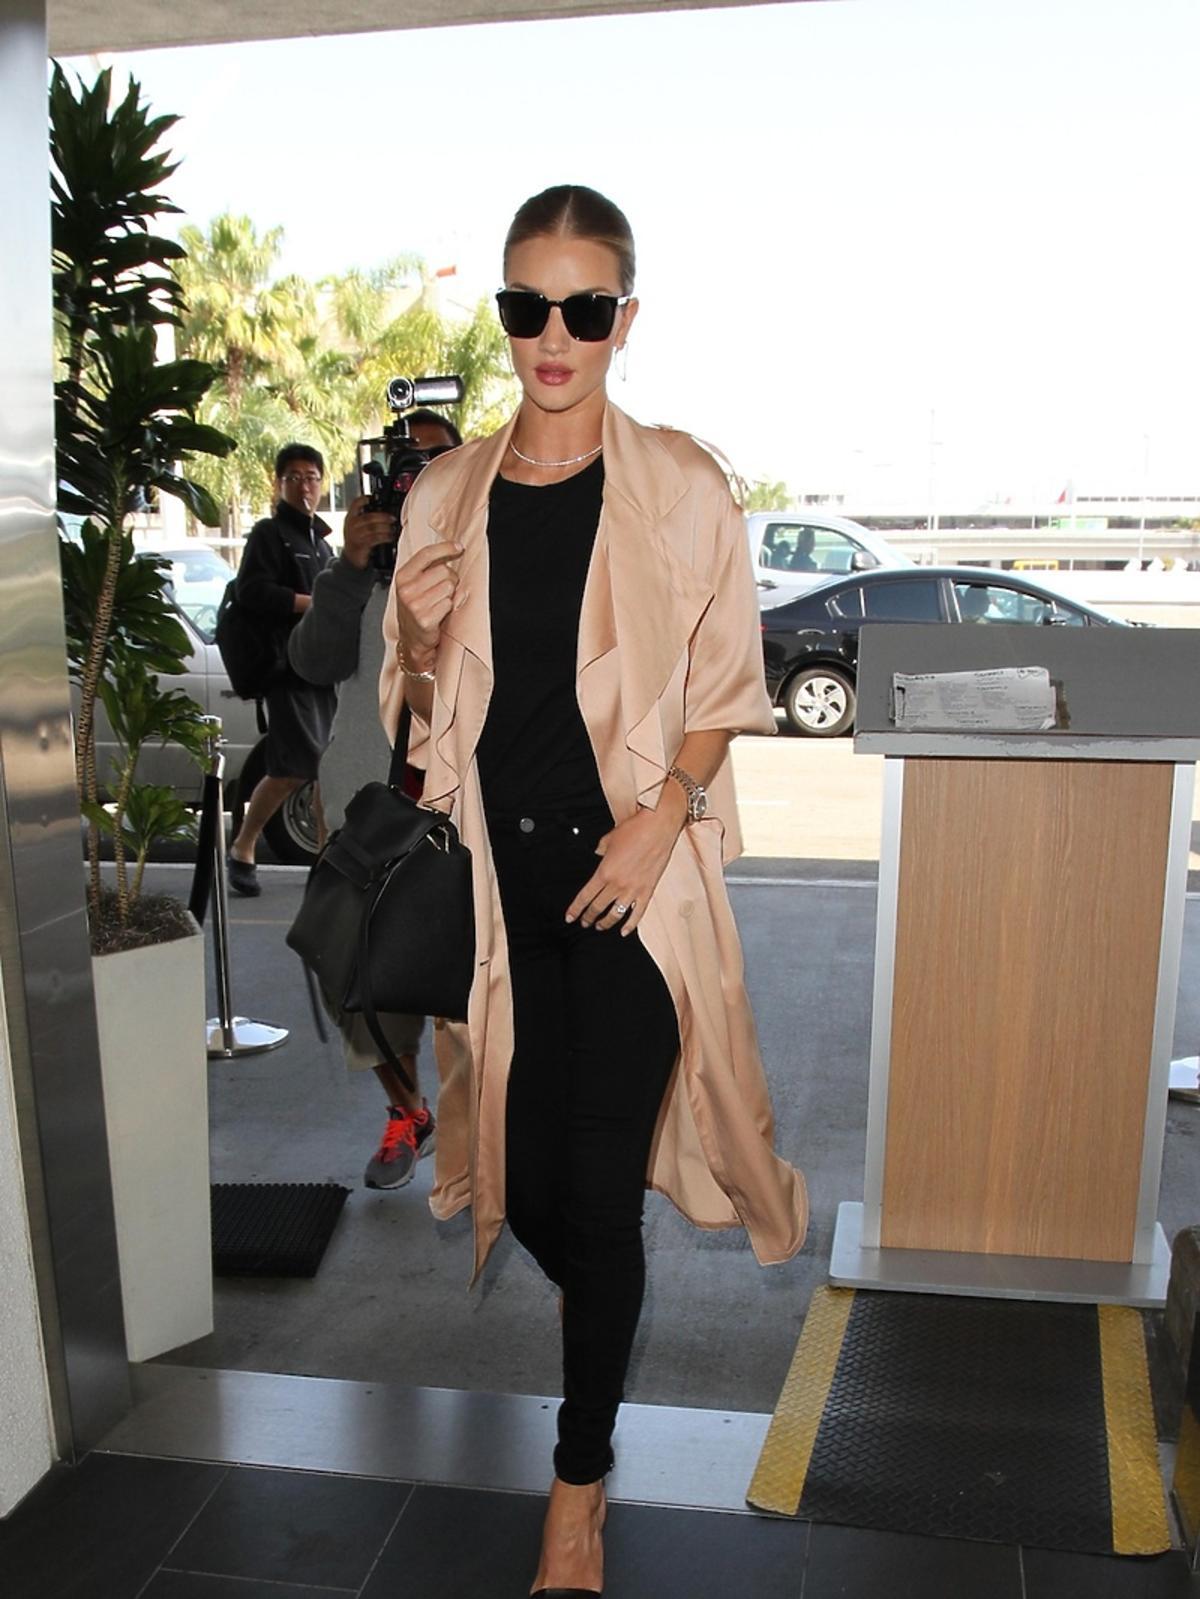 Luksusowa stylizacja Stylizacja Rosie Huntington-Whiteley na lotnisku w Los Angeles